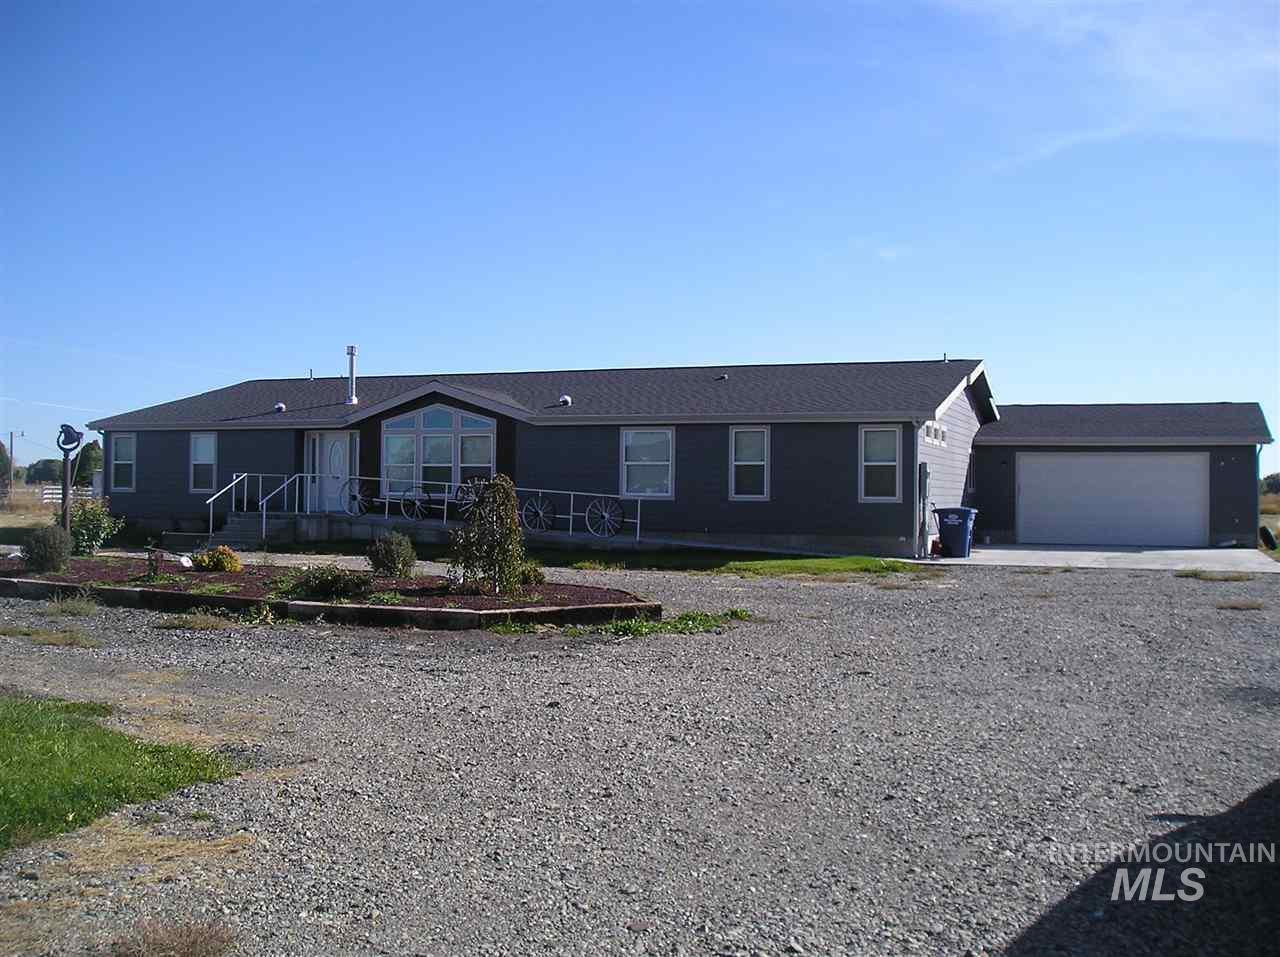 Casa Unifamiliar por un Venta en 1957 E 1775 S 1957 E 1775 S Gooding, Idaho 83330